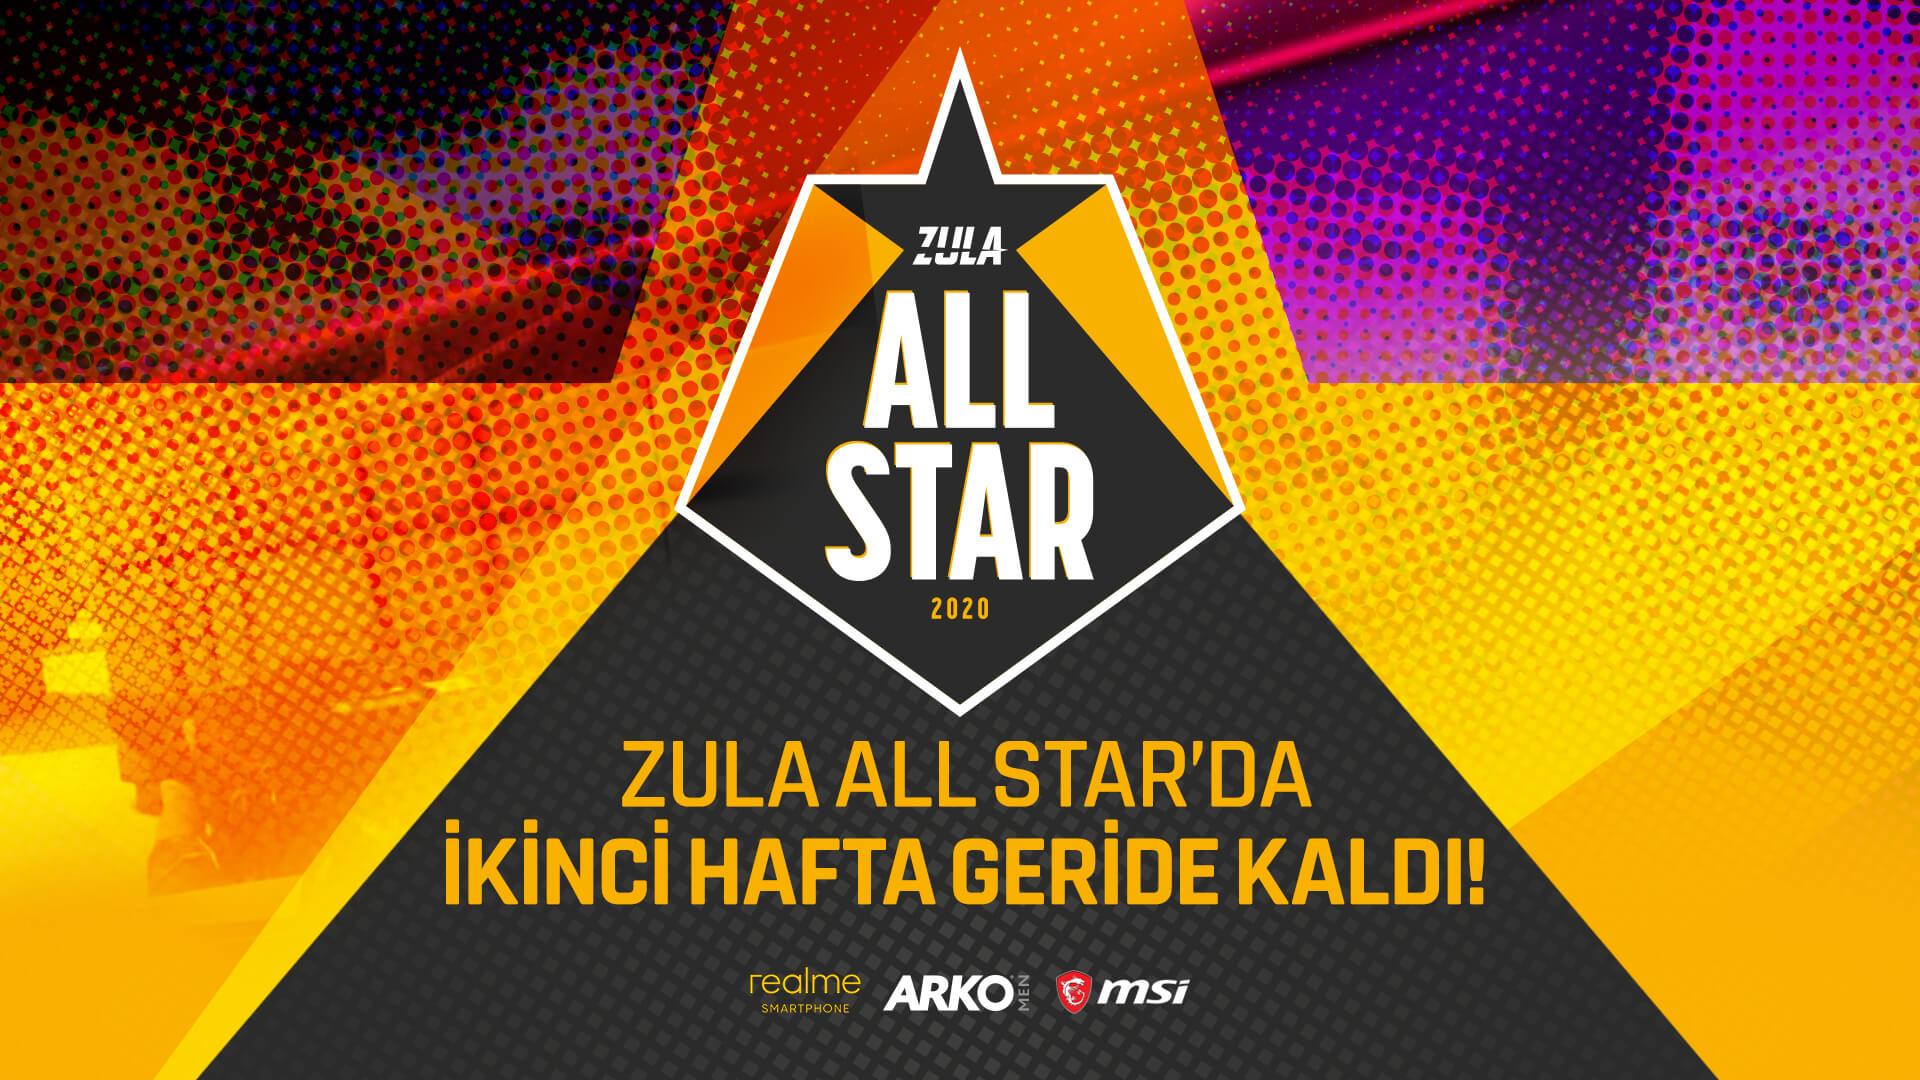 Zula All Star ikinci haftanın en değerli oyuncuları belli oldu